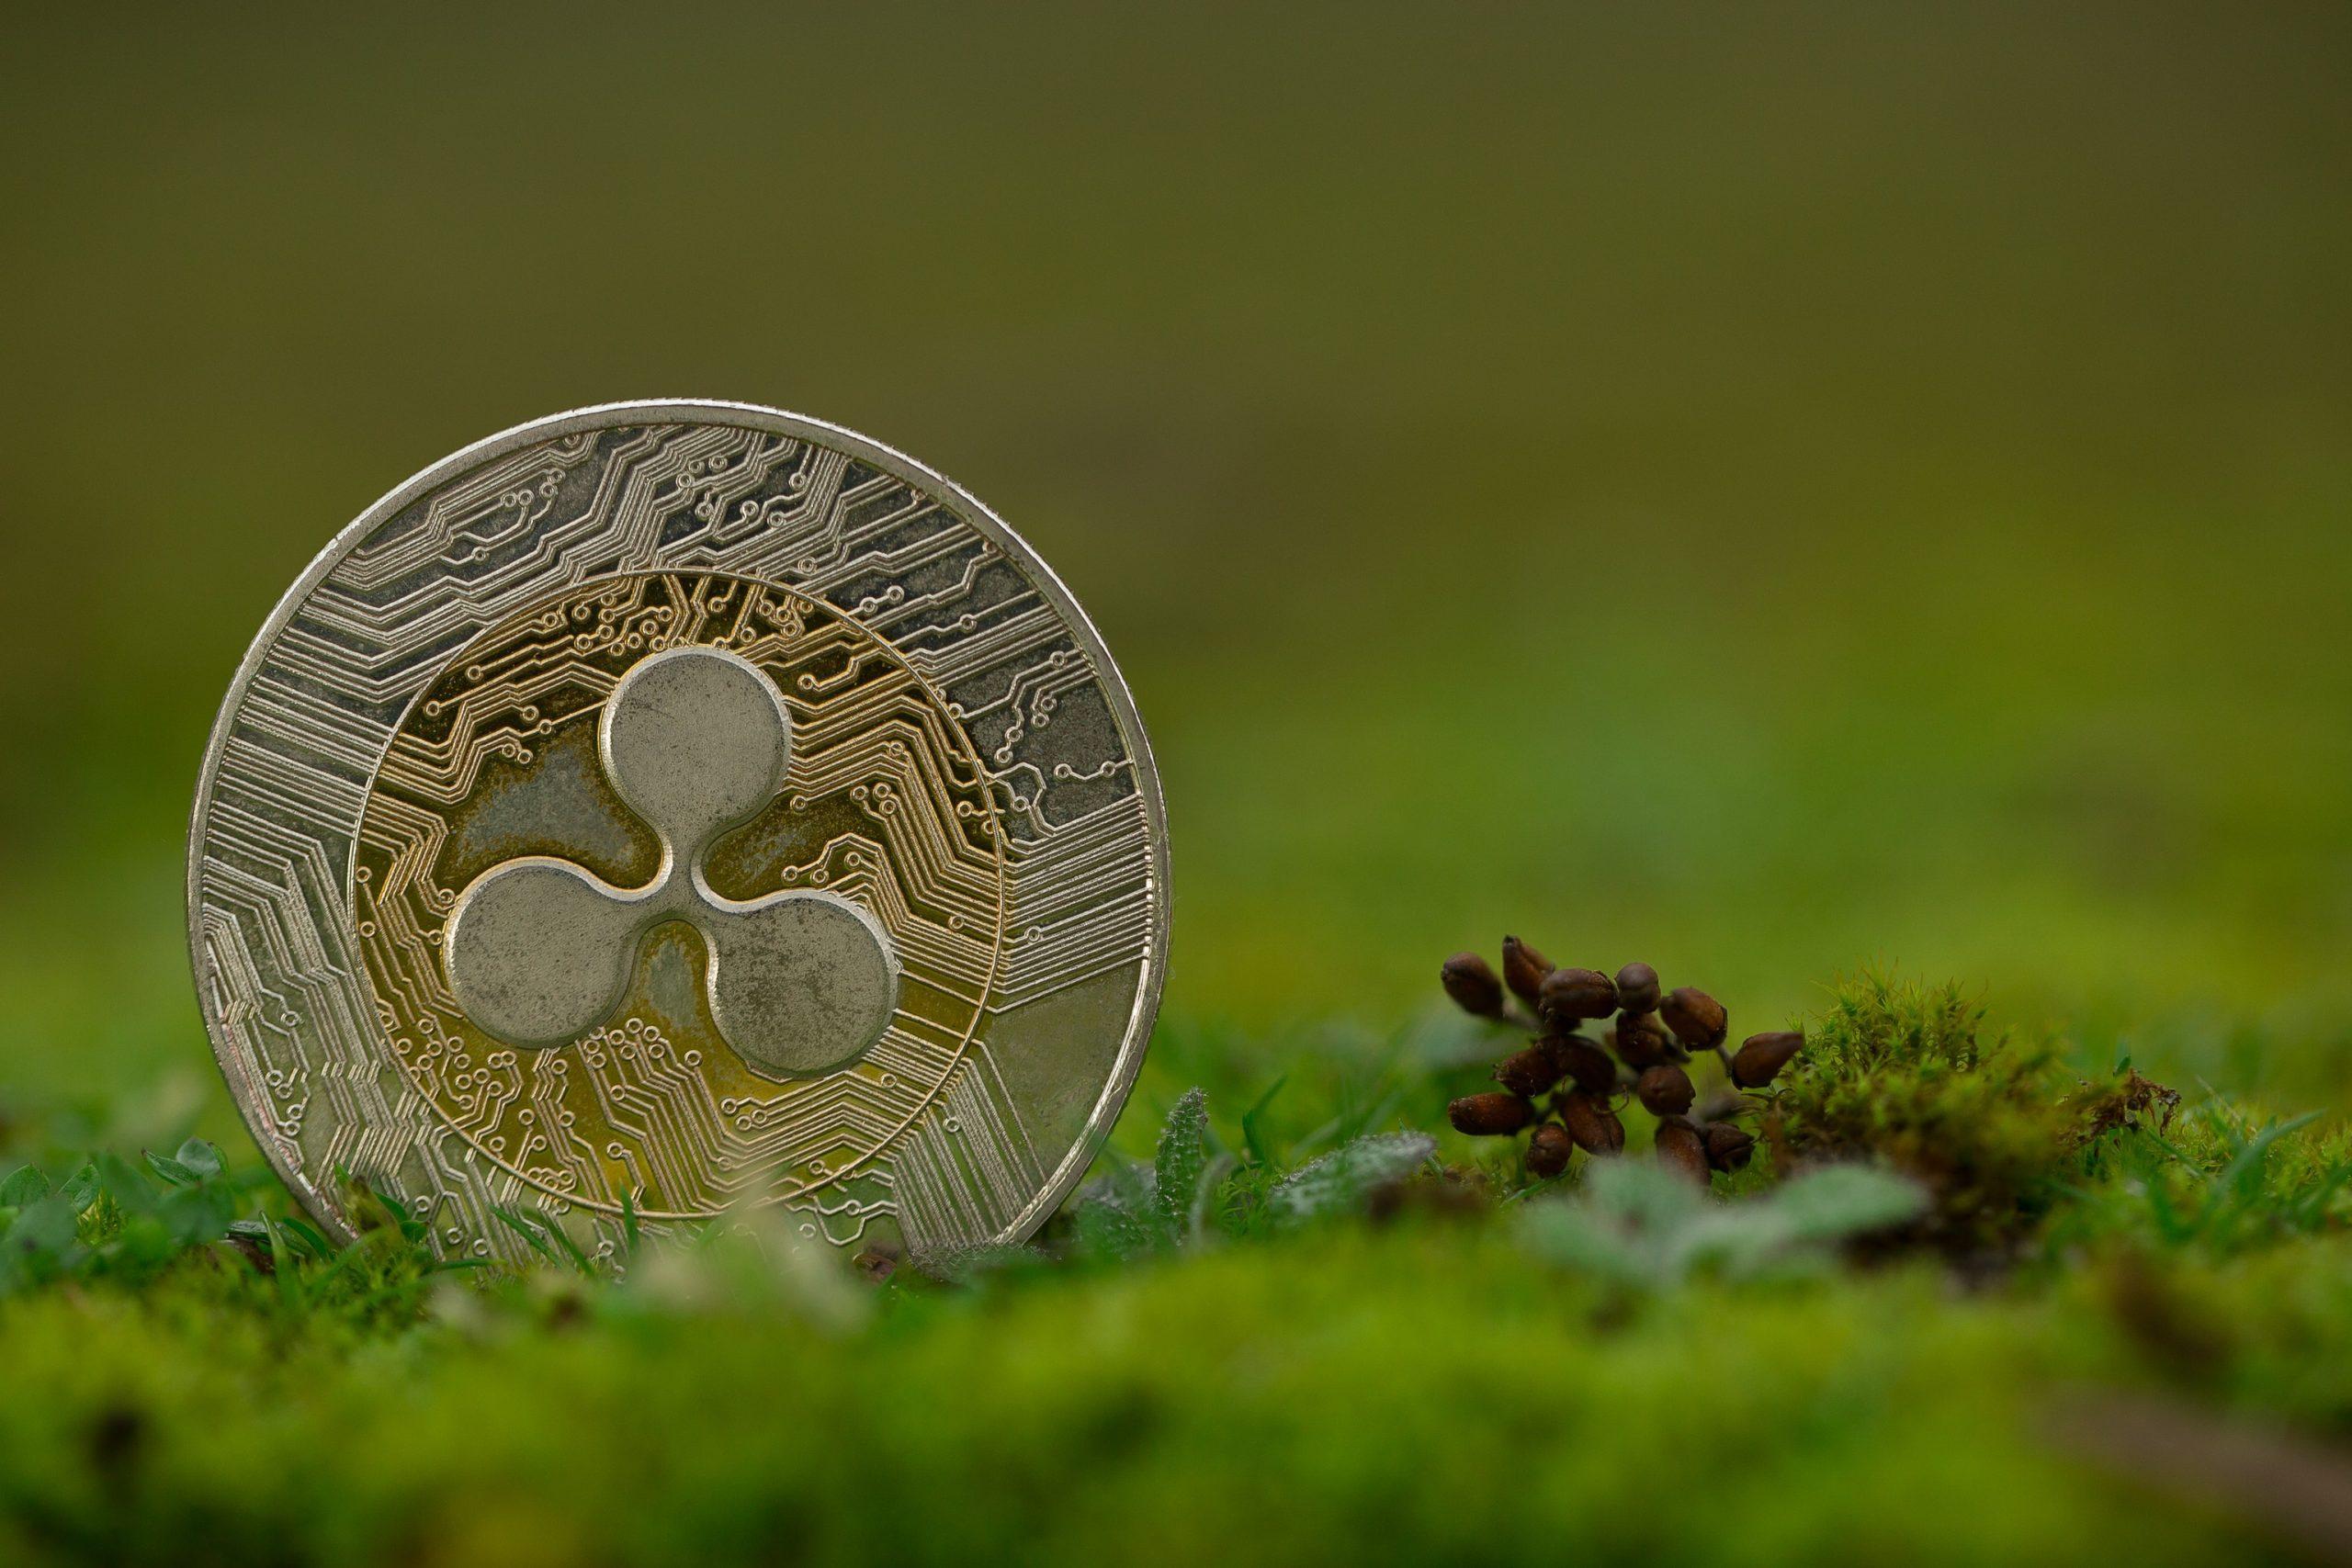 Nahaufnahme einer Ripple (XRP) Münze im Gras